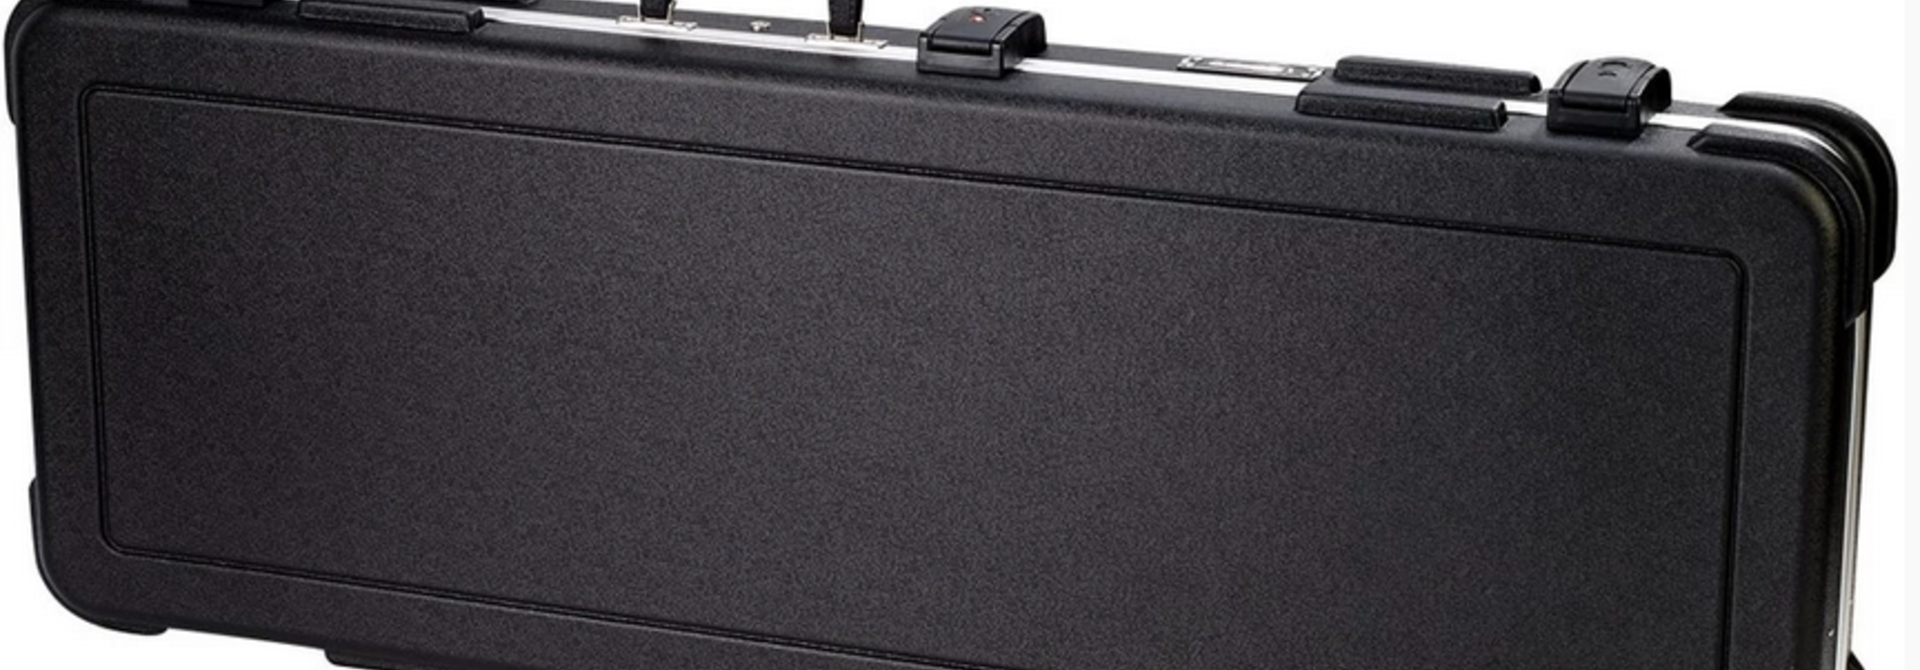 ProRockGear RGM380TSA ABS DLX Rect. Electric Case